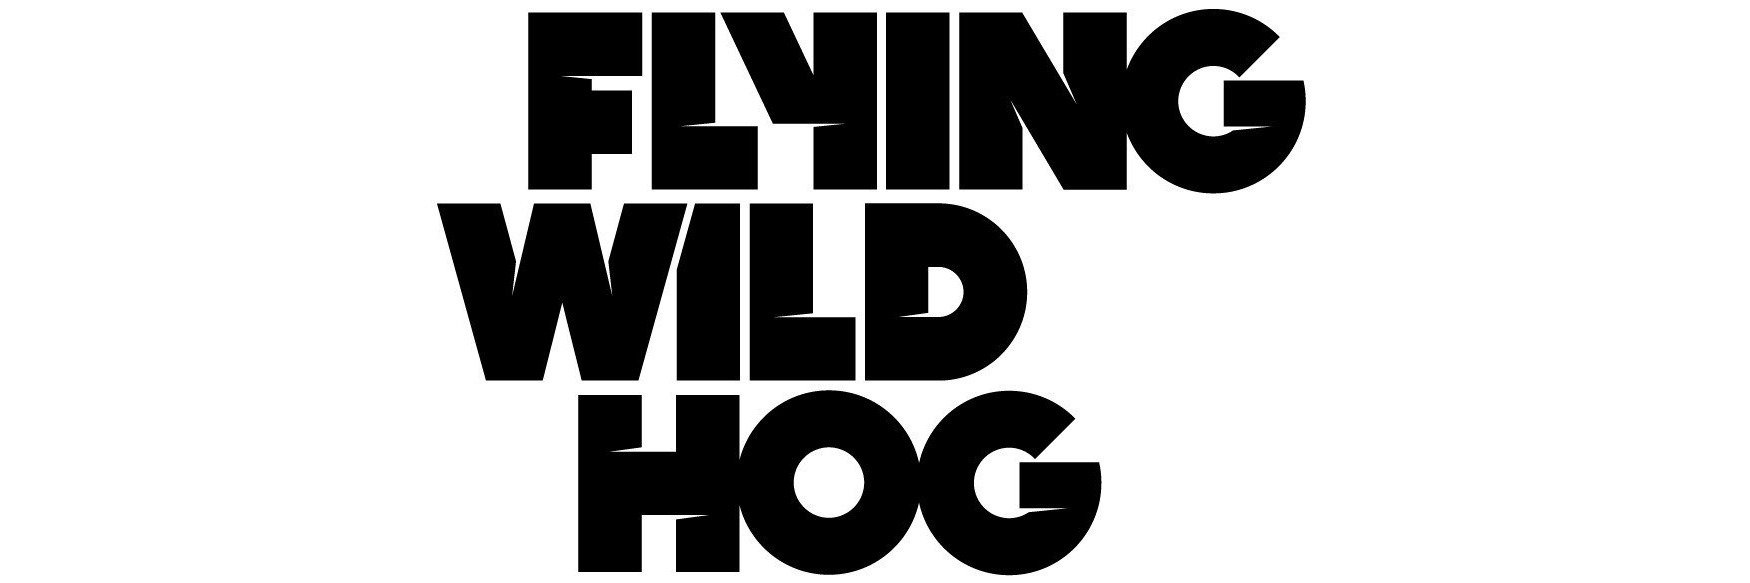 Embracer Group приобретает Flying Wild Hog, разработчиков серии игр Shadow Warrior, у Supernova Capital